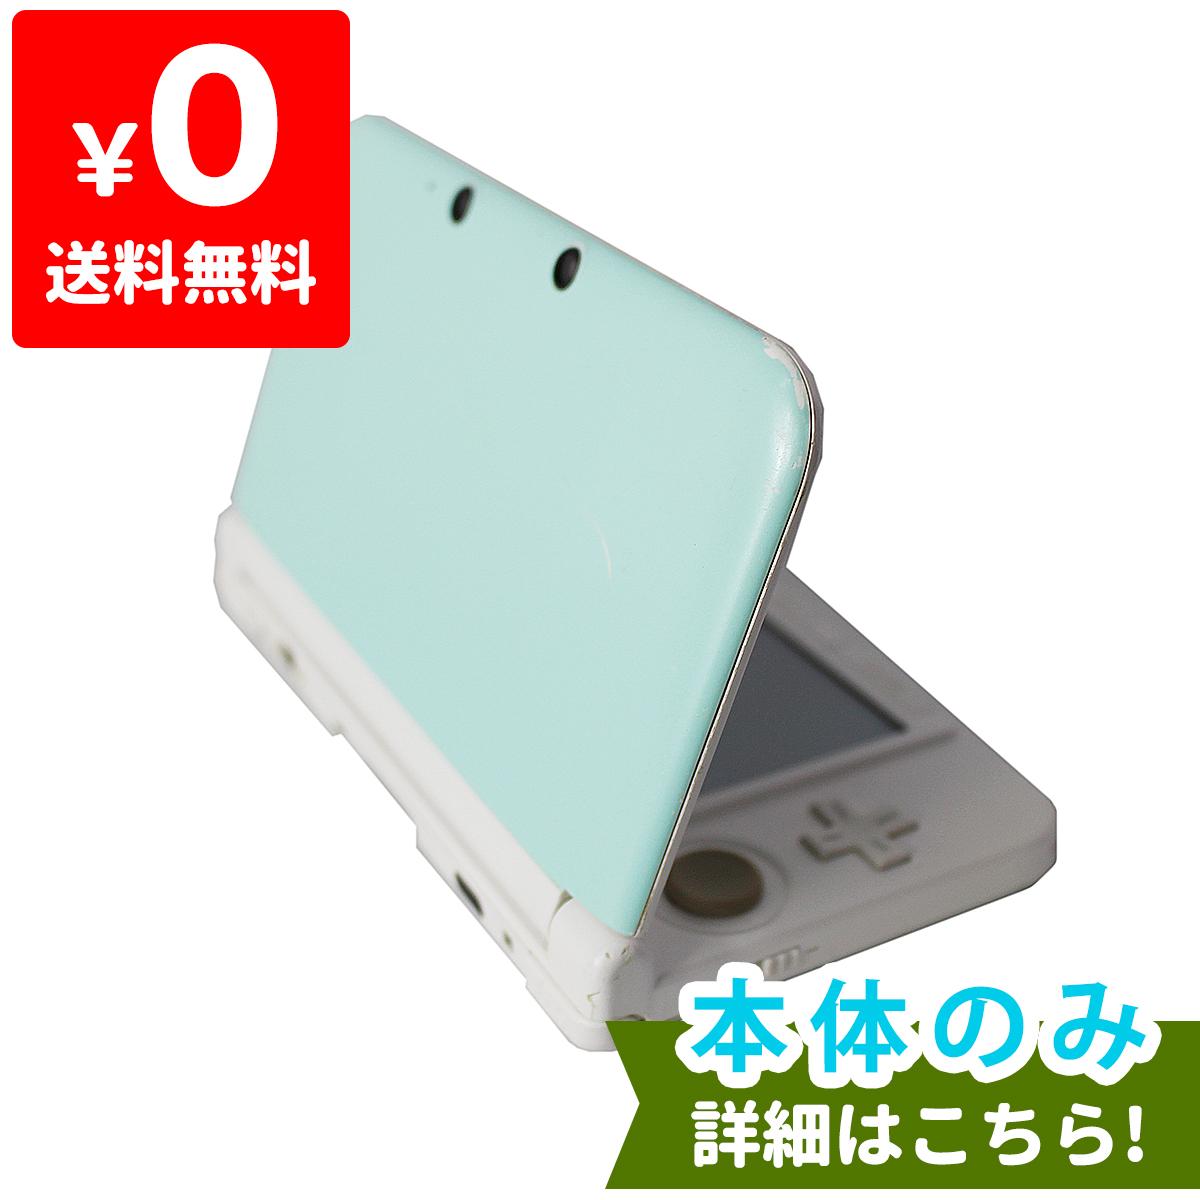 3DSLL ニンテンドー3DS LL ミントXホワイト 本体のみ タッチペン付き Nintendo 任天堂 ニンテンドー 中古 4902370520651 送料無料 【中古】